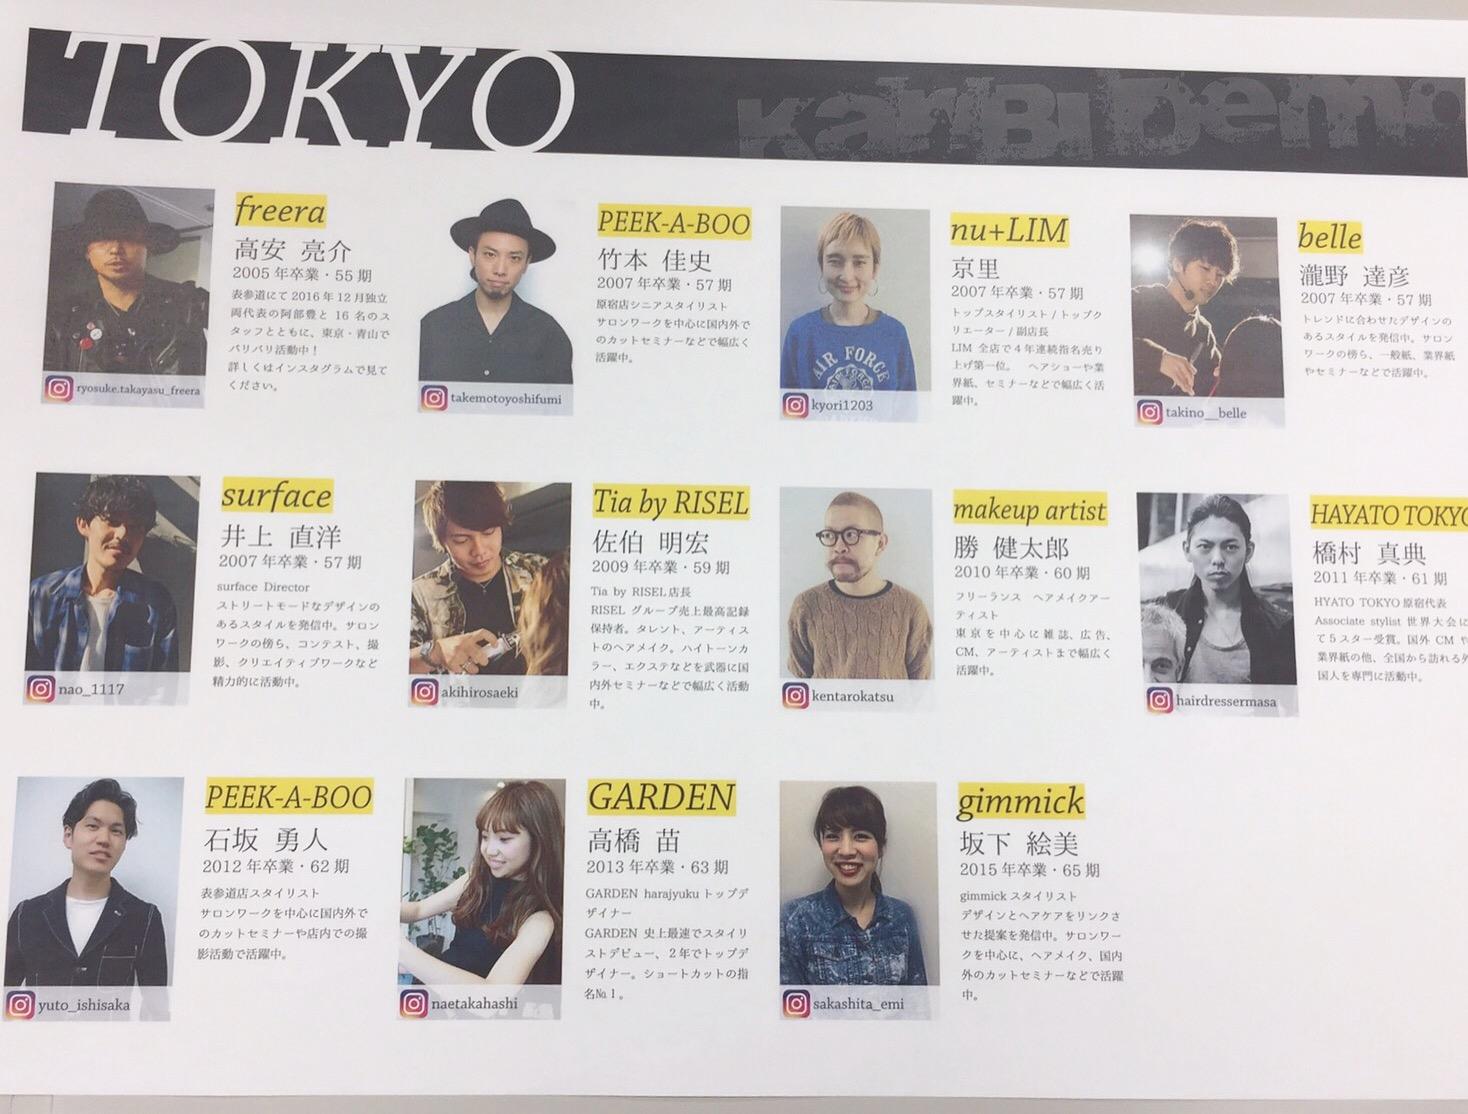 大阪向かってます!